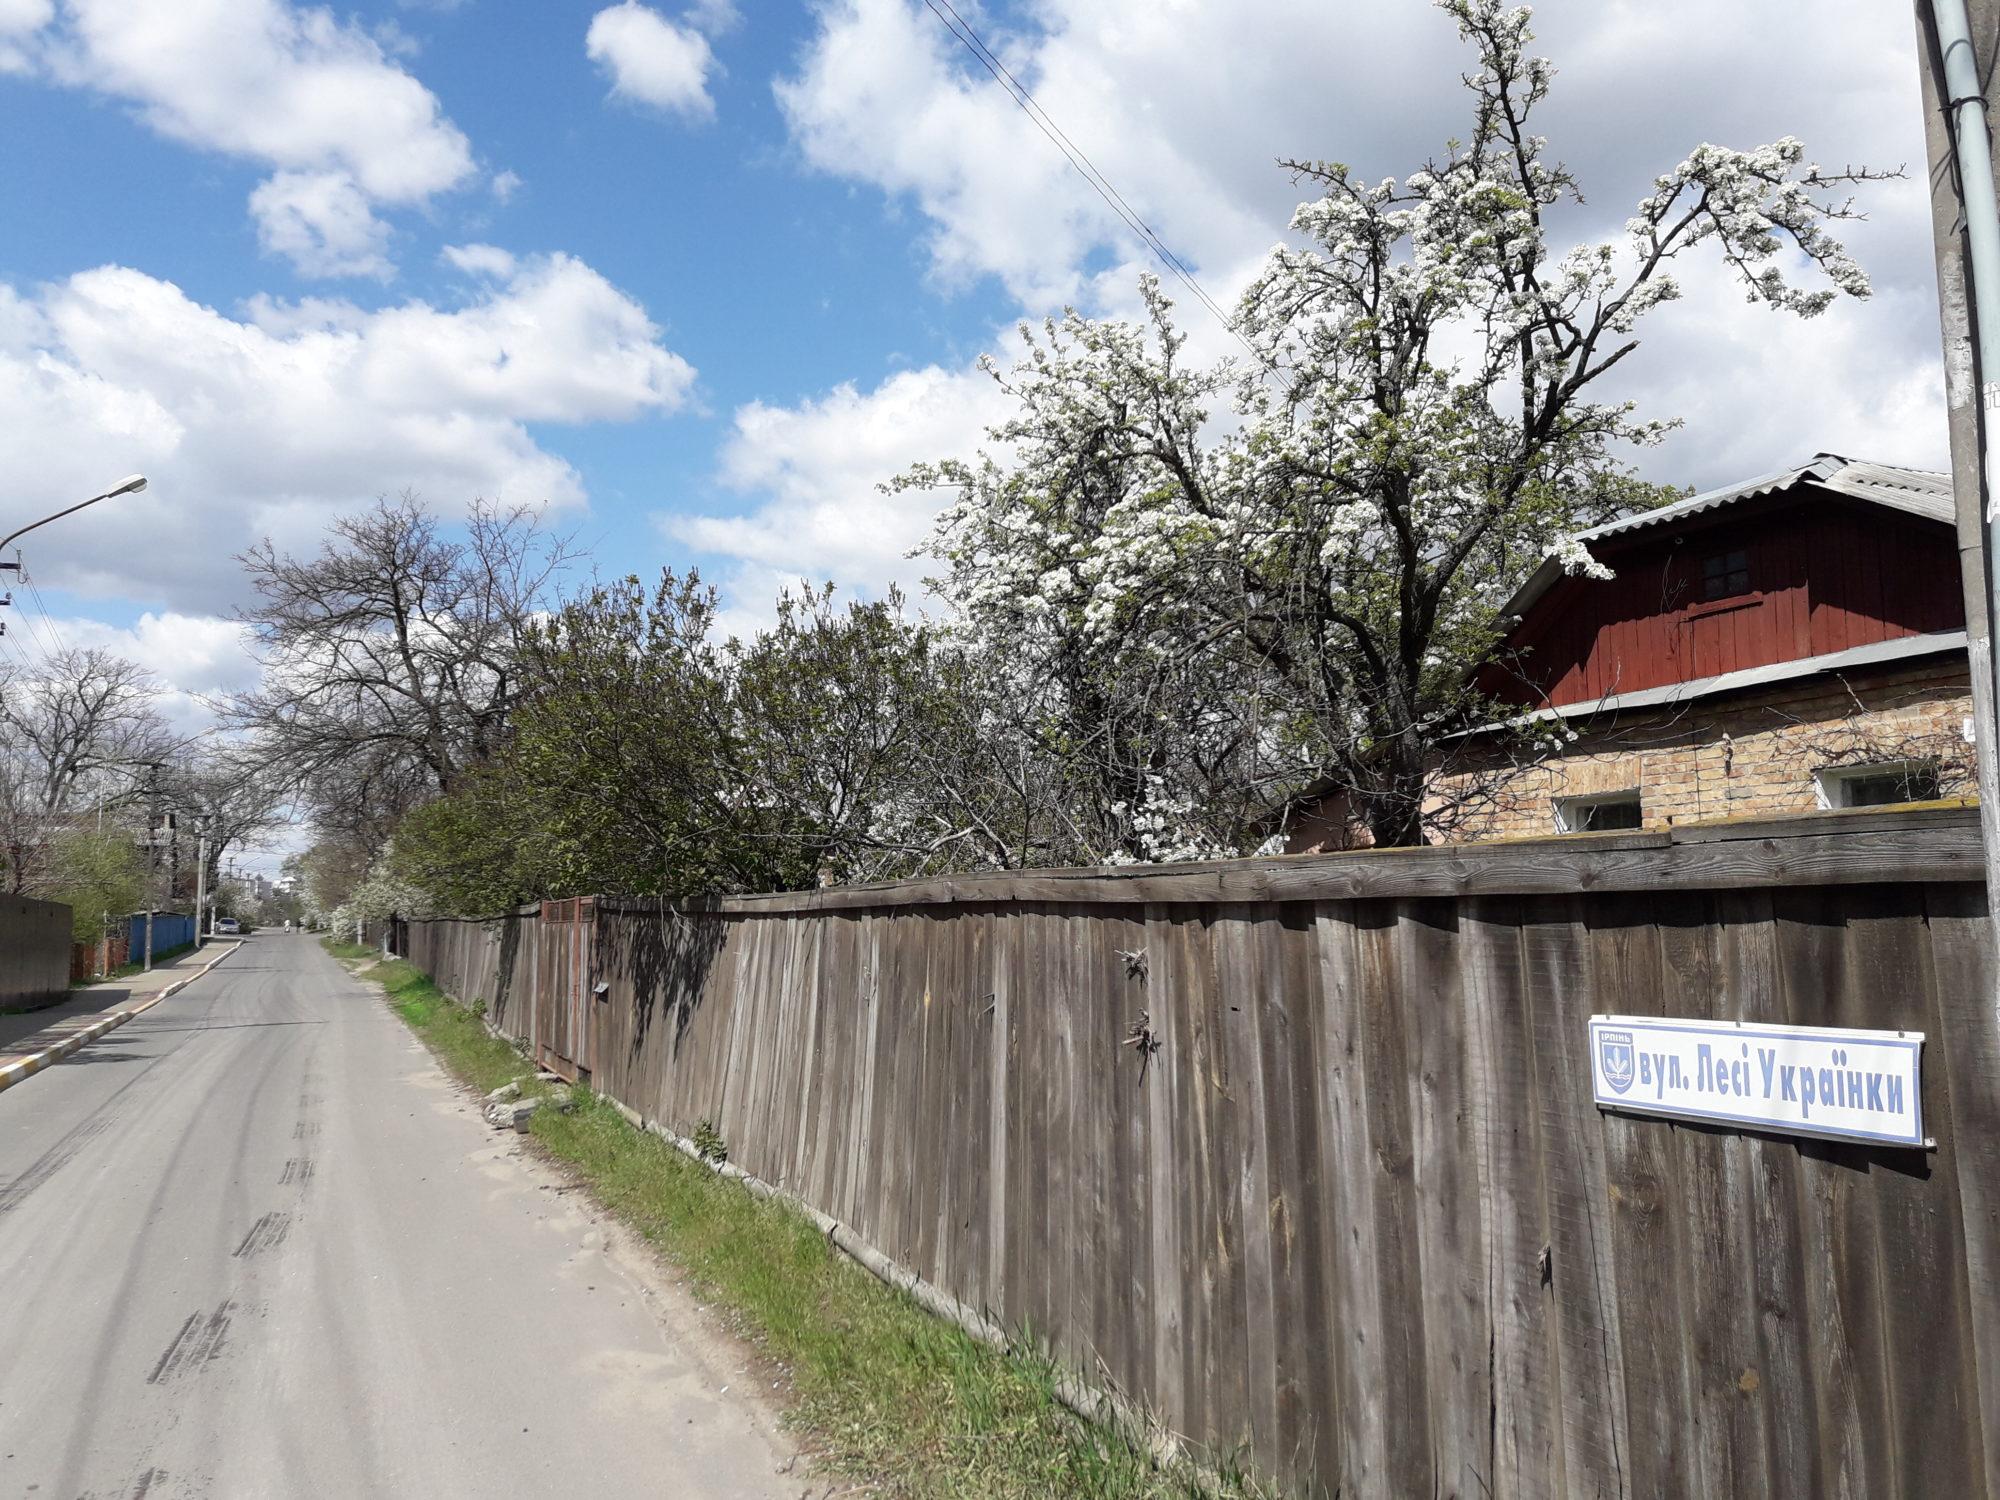 Ірпінь квітне: у місті настає пік цвітіння дерев та кущів (ФОТО) -  - 20200427 122445 2000x1500